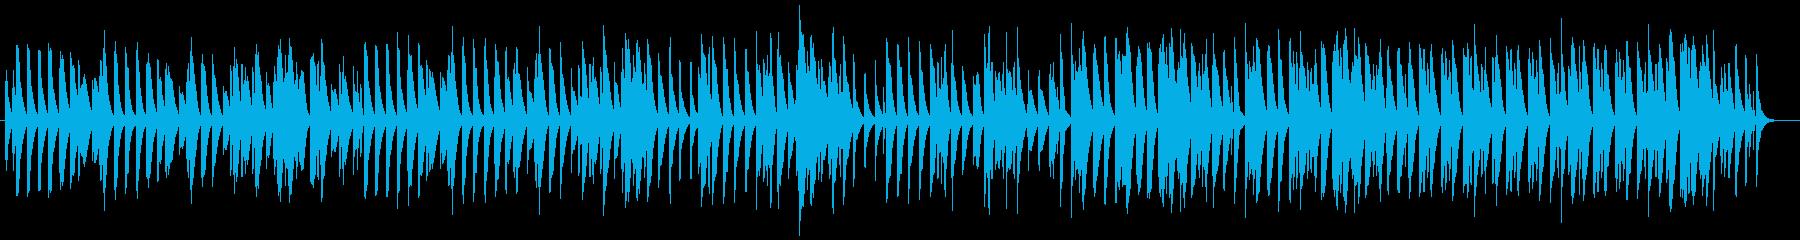 可愛らしい軽快な曲です。の再生済みの波形